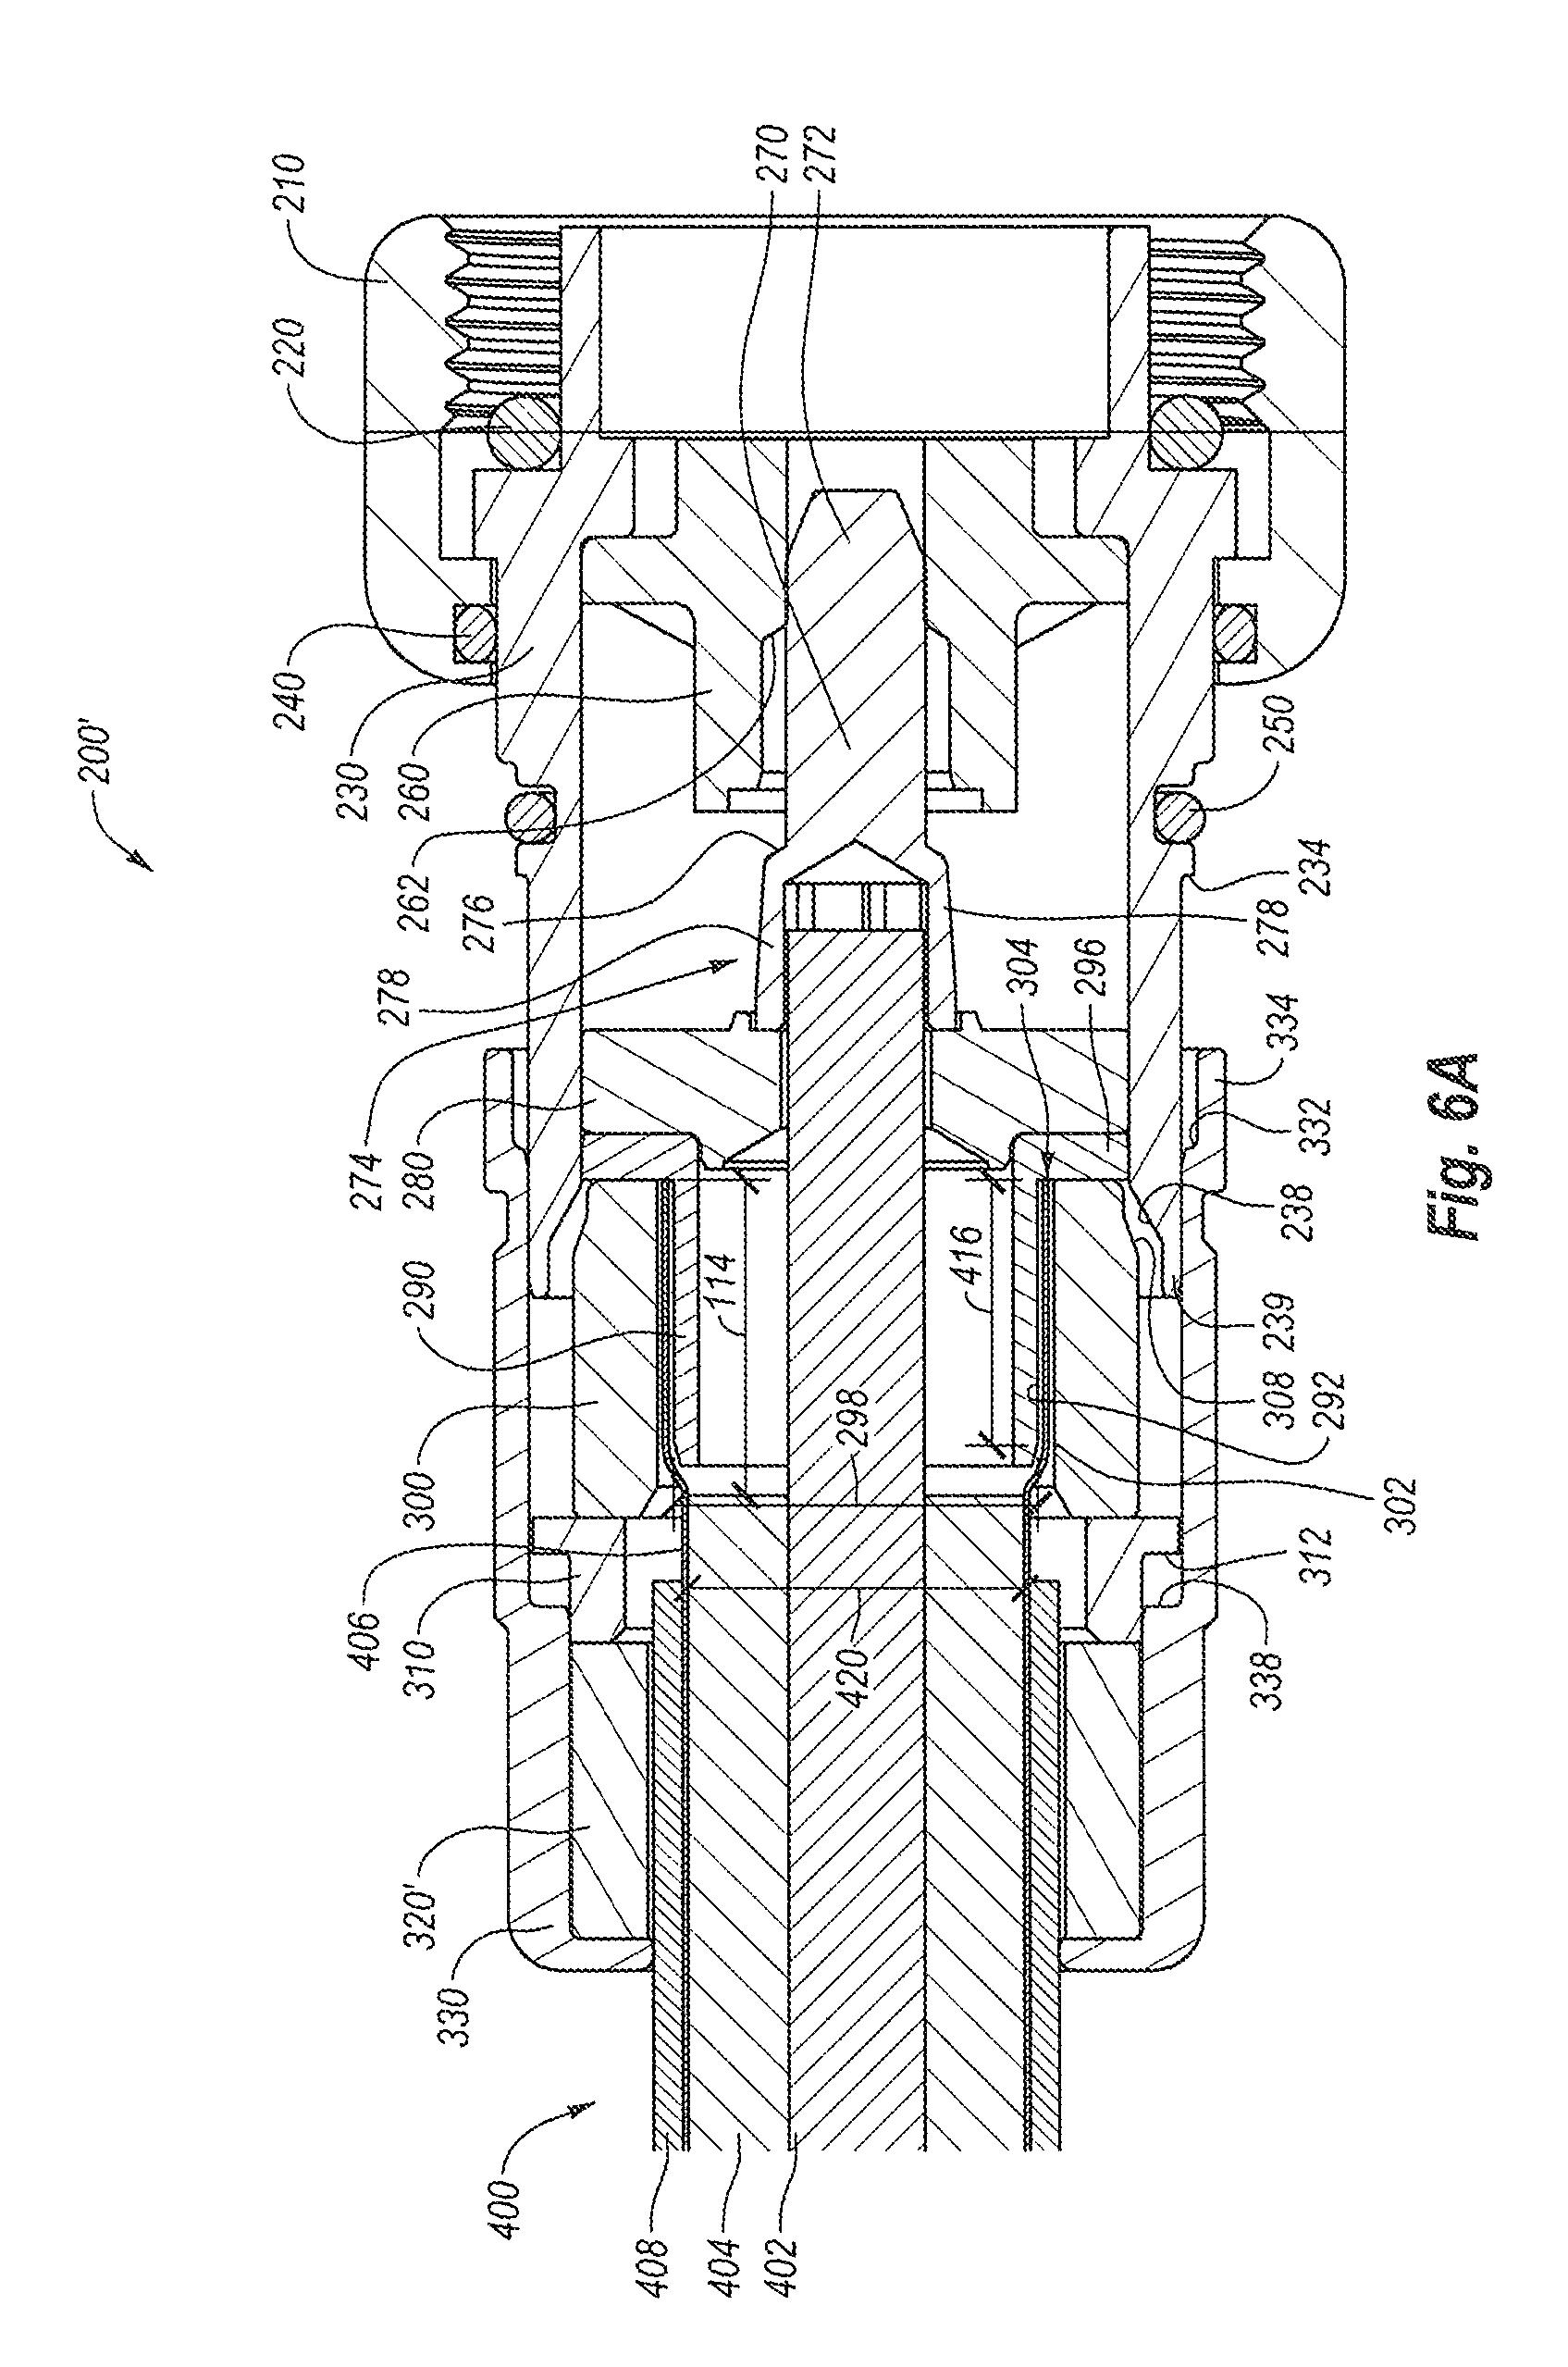 patent us8388375